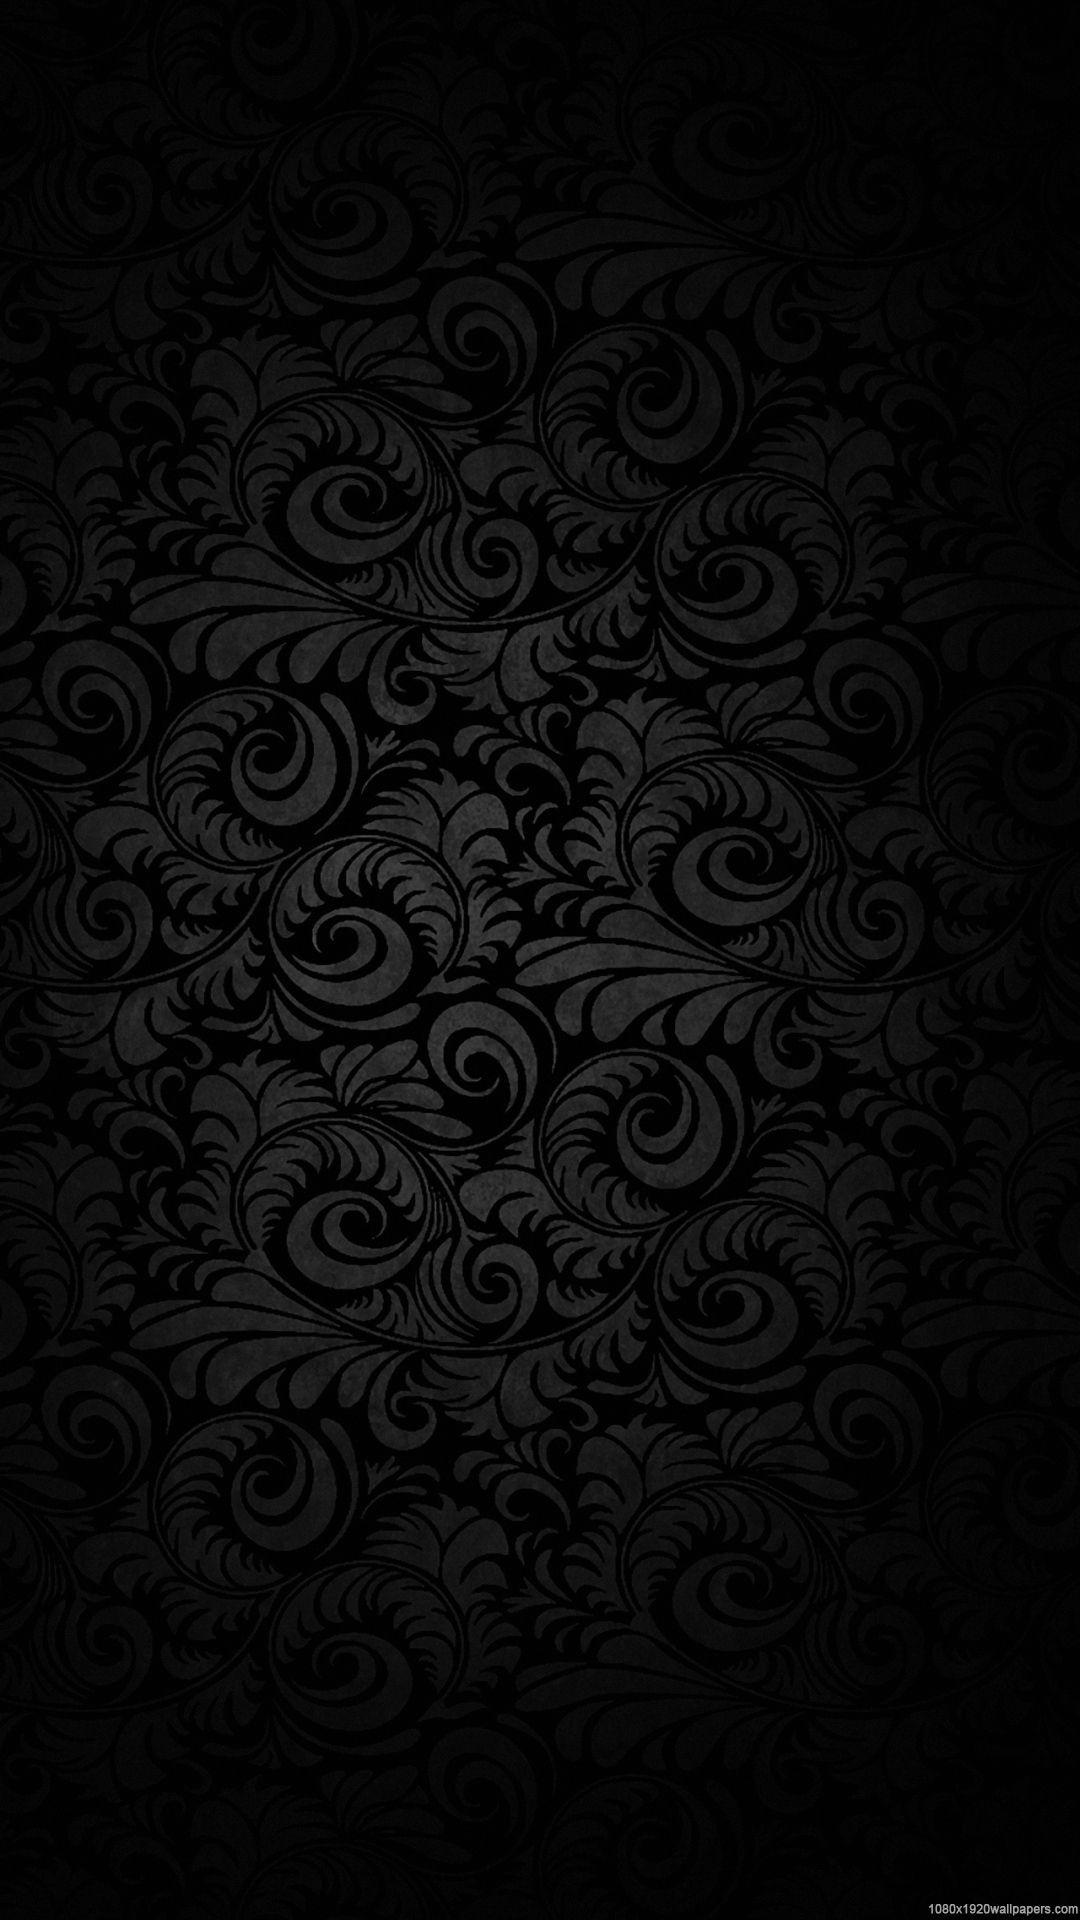 35 Gambar Wallpaper Hd 1080p Black Android Terbaru 2020 Wallpaper Ponsel Kertas Dinding Latar Belakang